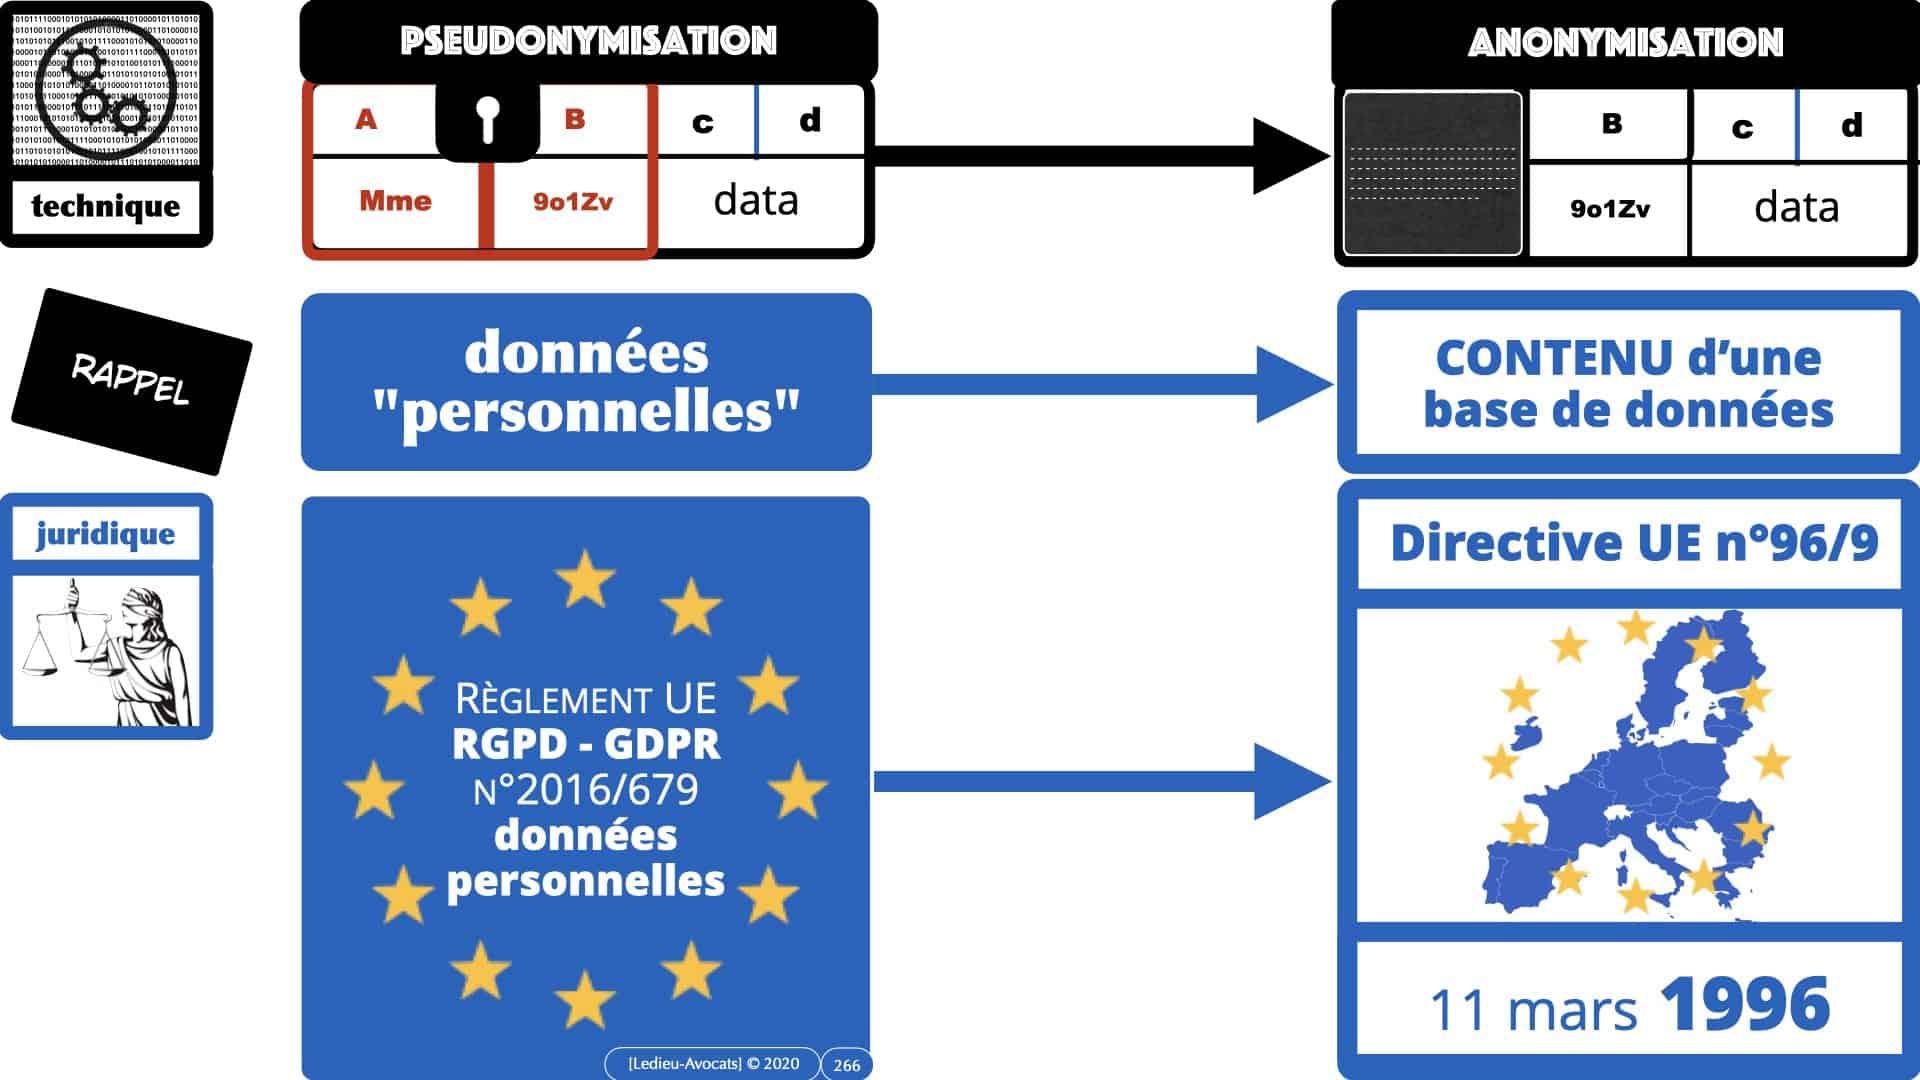 RGPD e-Privacy données personnelles jurisprudence formation Lamy Les Echos 10-02-2021 ©Ledieu-Avocats.266